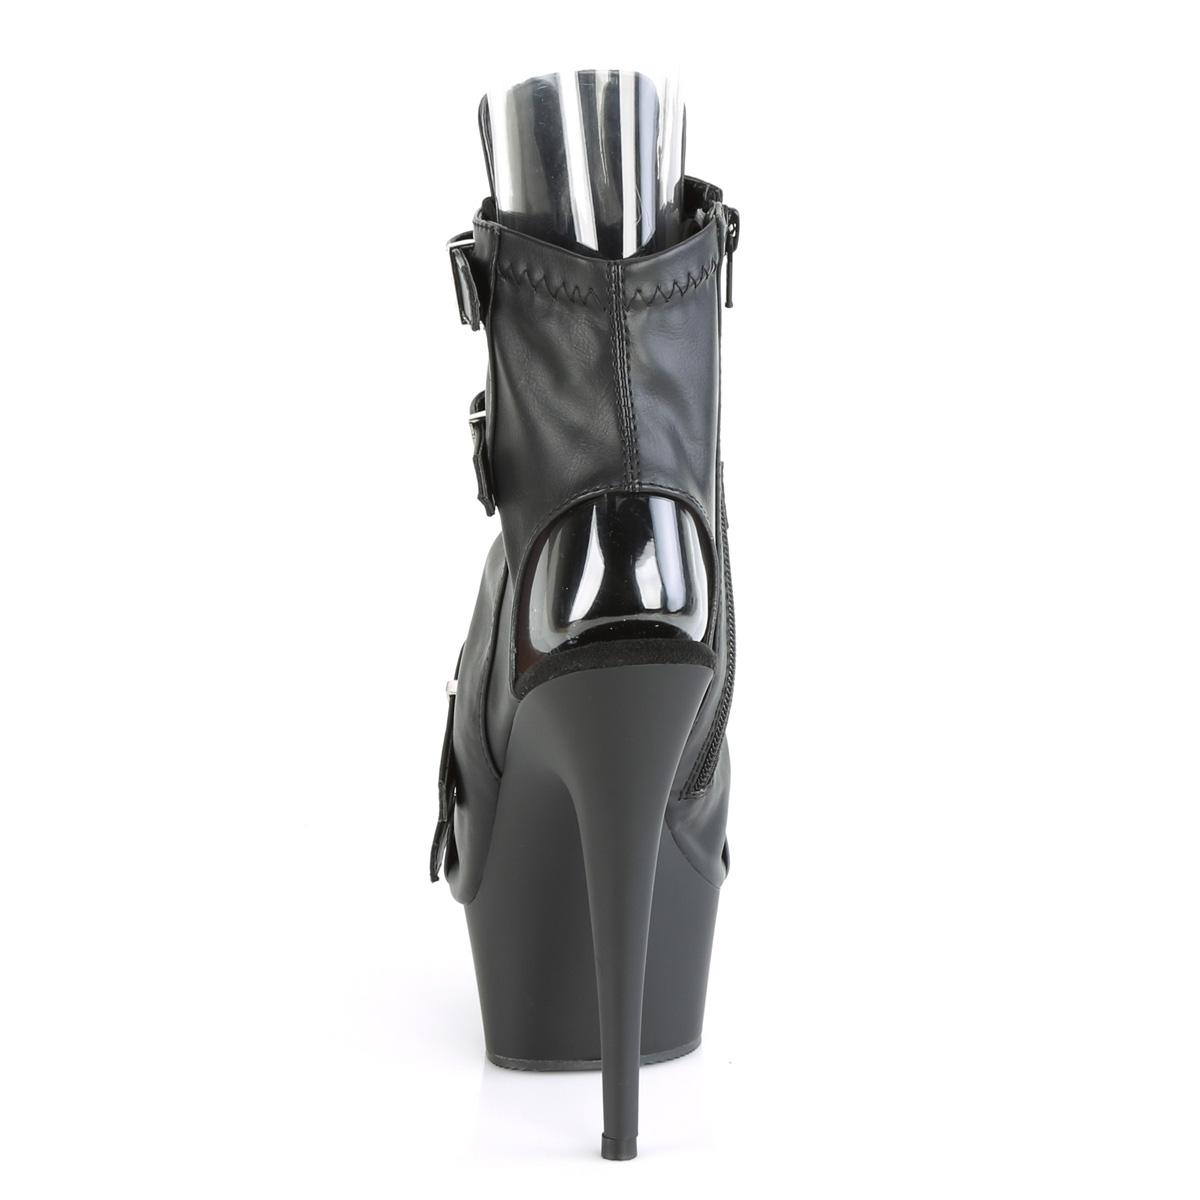 Pleaser(プリーザー) DELIGHT-600-19 バックルストラップ オープントゥ/ヒール ボンデージアンクルブーツ サイドジップ つや消し黒◆取り寄せ